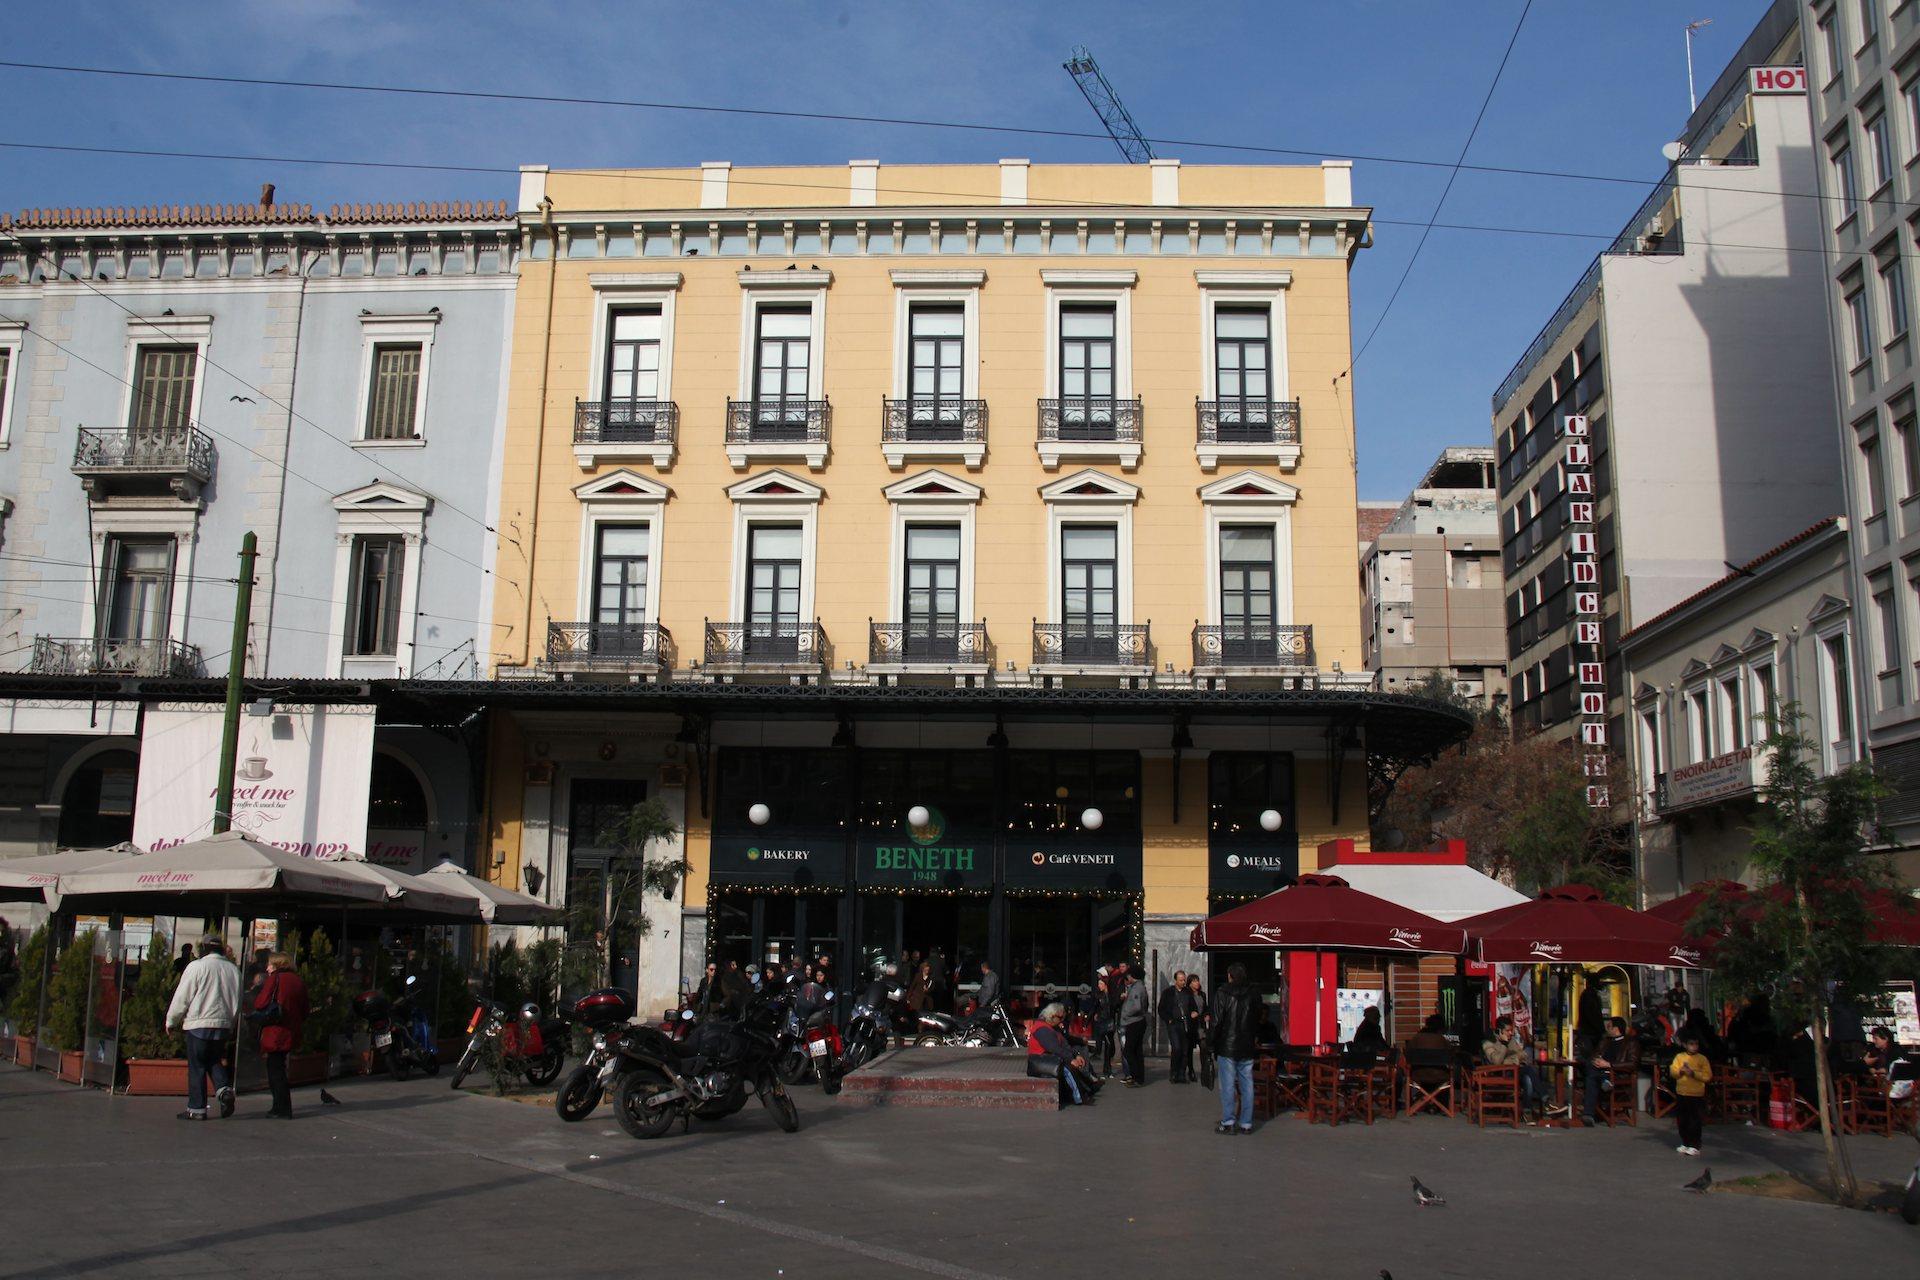 15 μοναδικά όμορφες γωνιές της παλιάς Αθήνας που υπάρχουν ακόμα! 1428264518-fbae18175e9d3b426b4a0353b1245a43